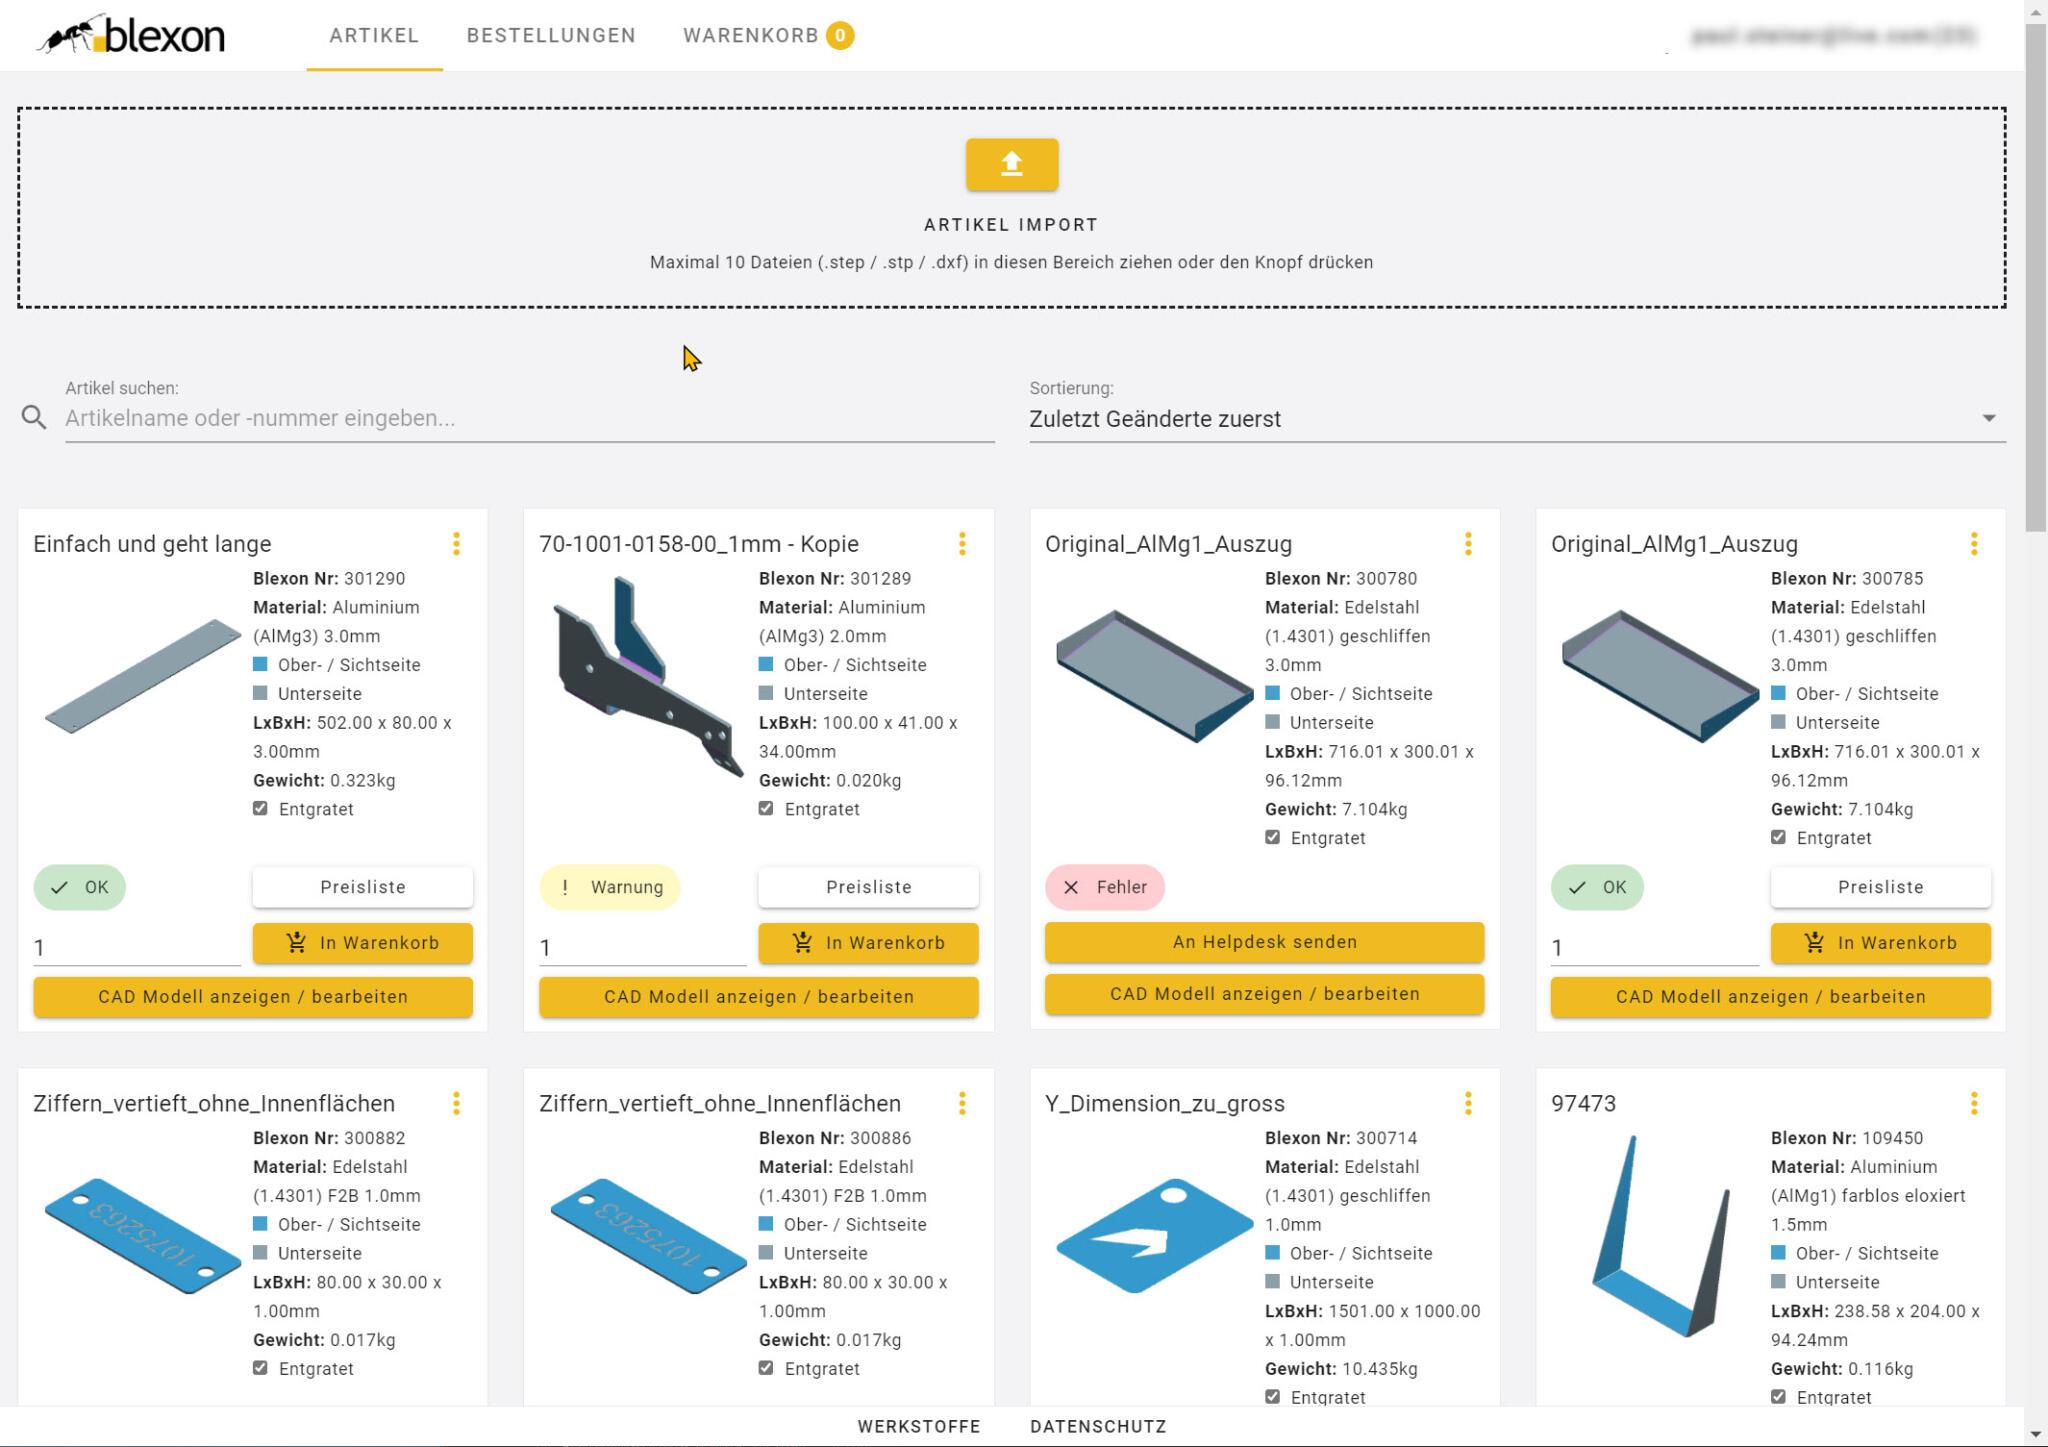 Neuer Shop mit Drag and Drop, schnellem Laden, schneller Suche und voll responsive auch auf mobilen Geräten